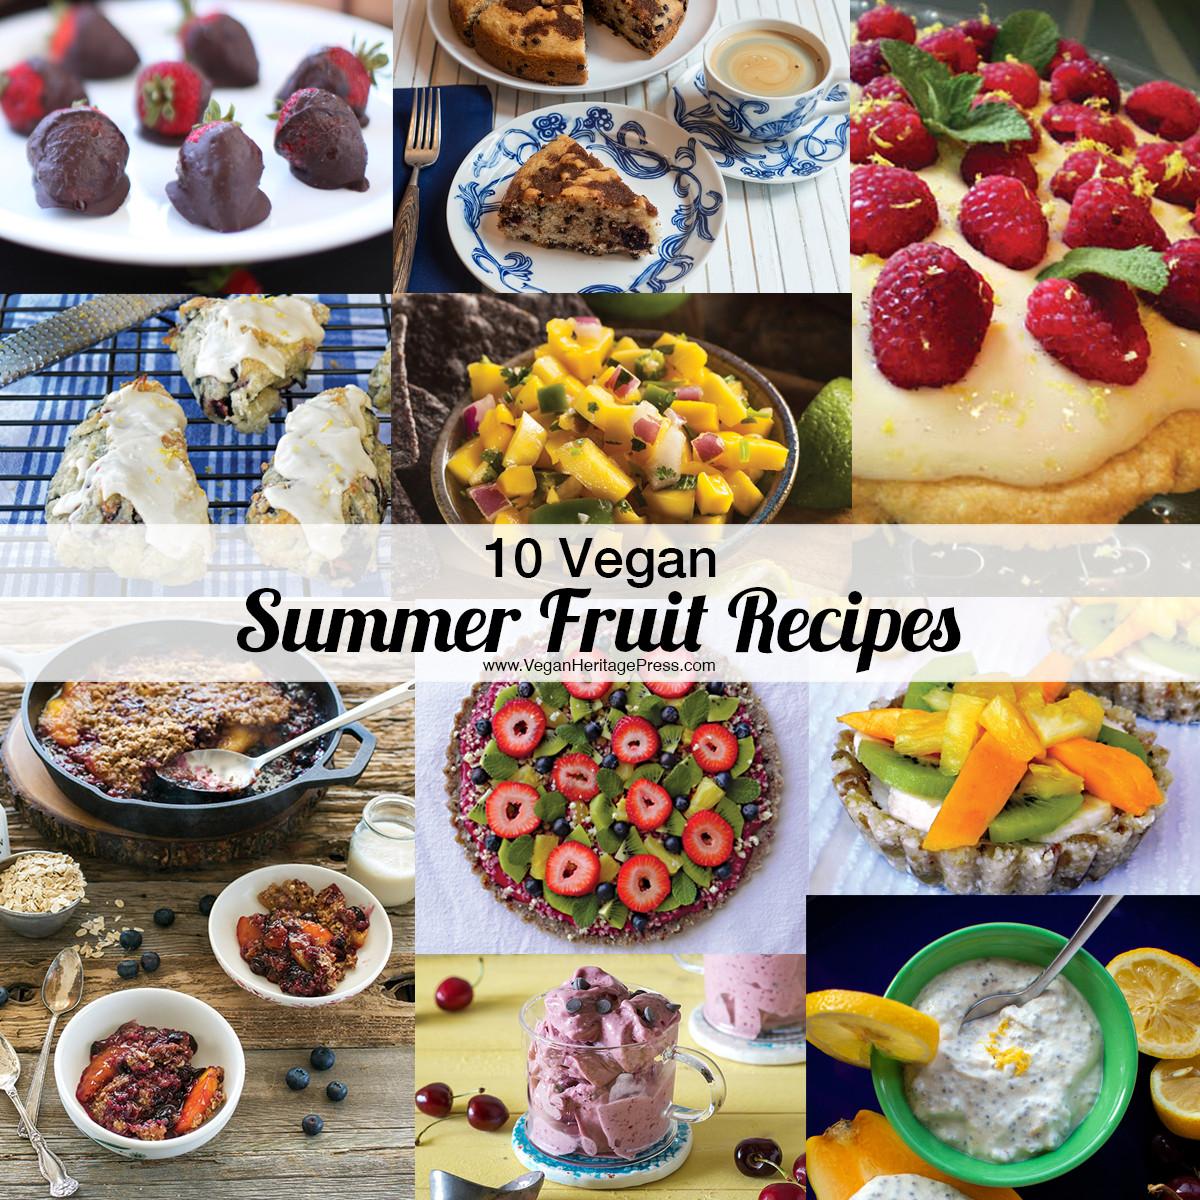 Vegan Summer Recipes  10 Vegan Summer Fruit Recipes